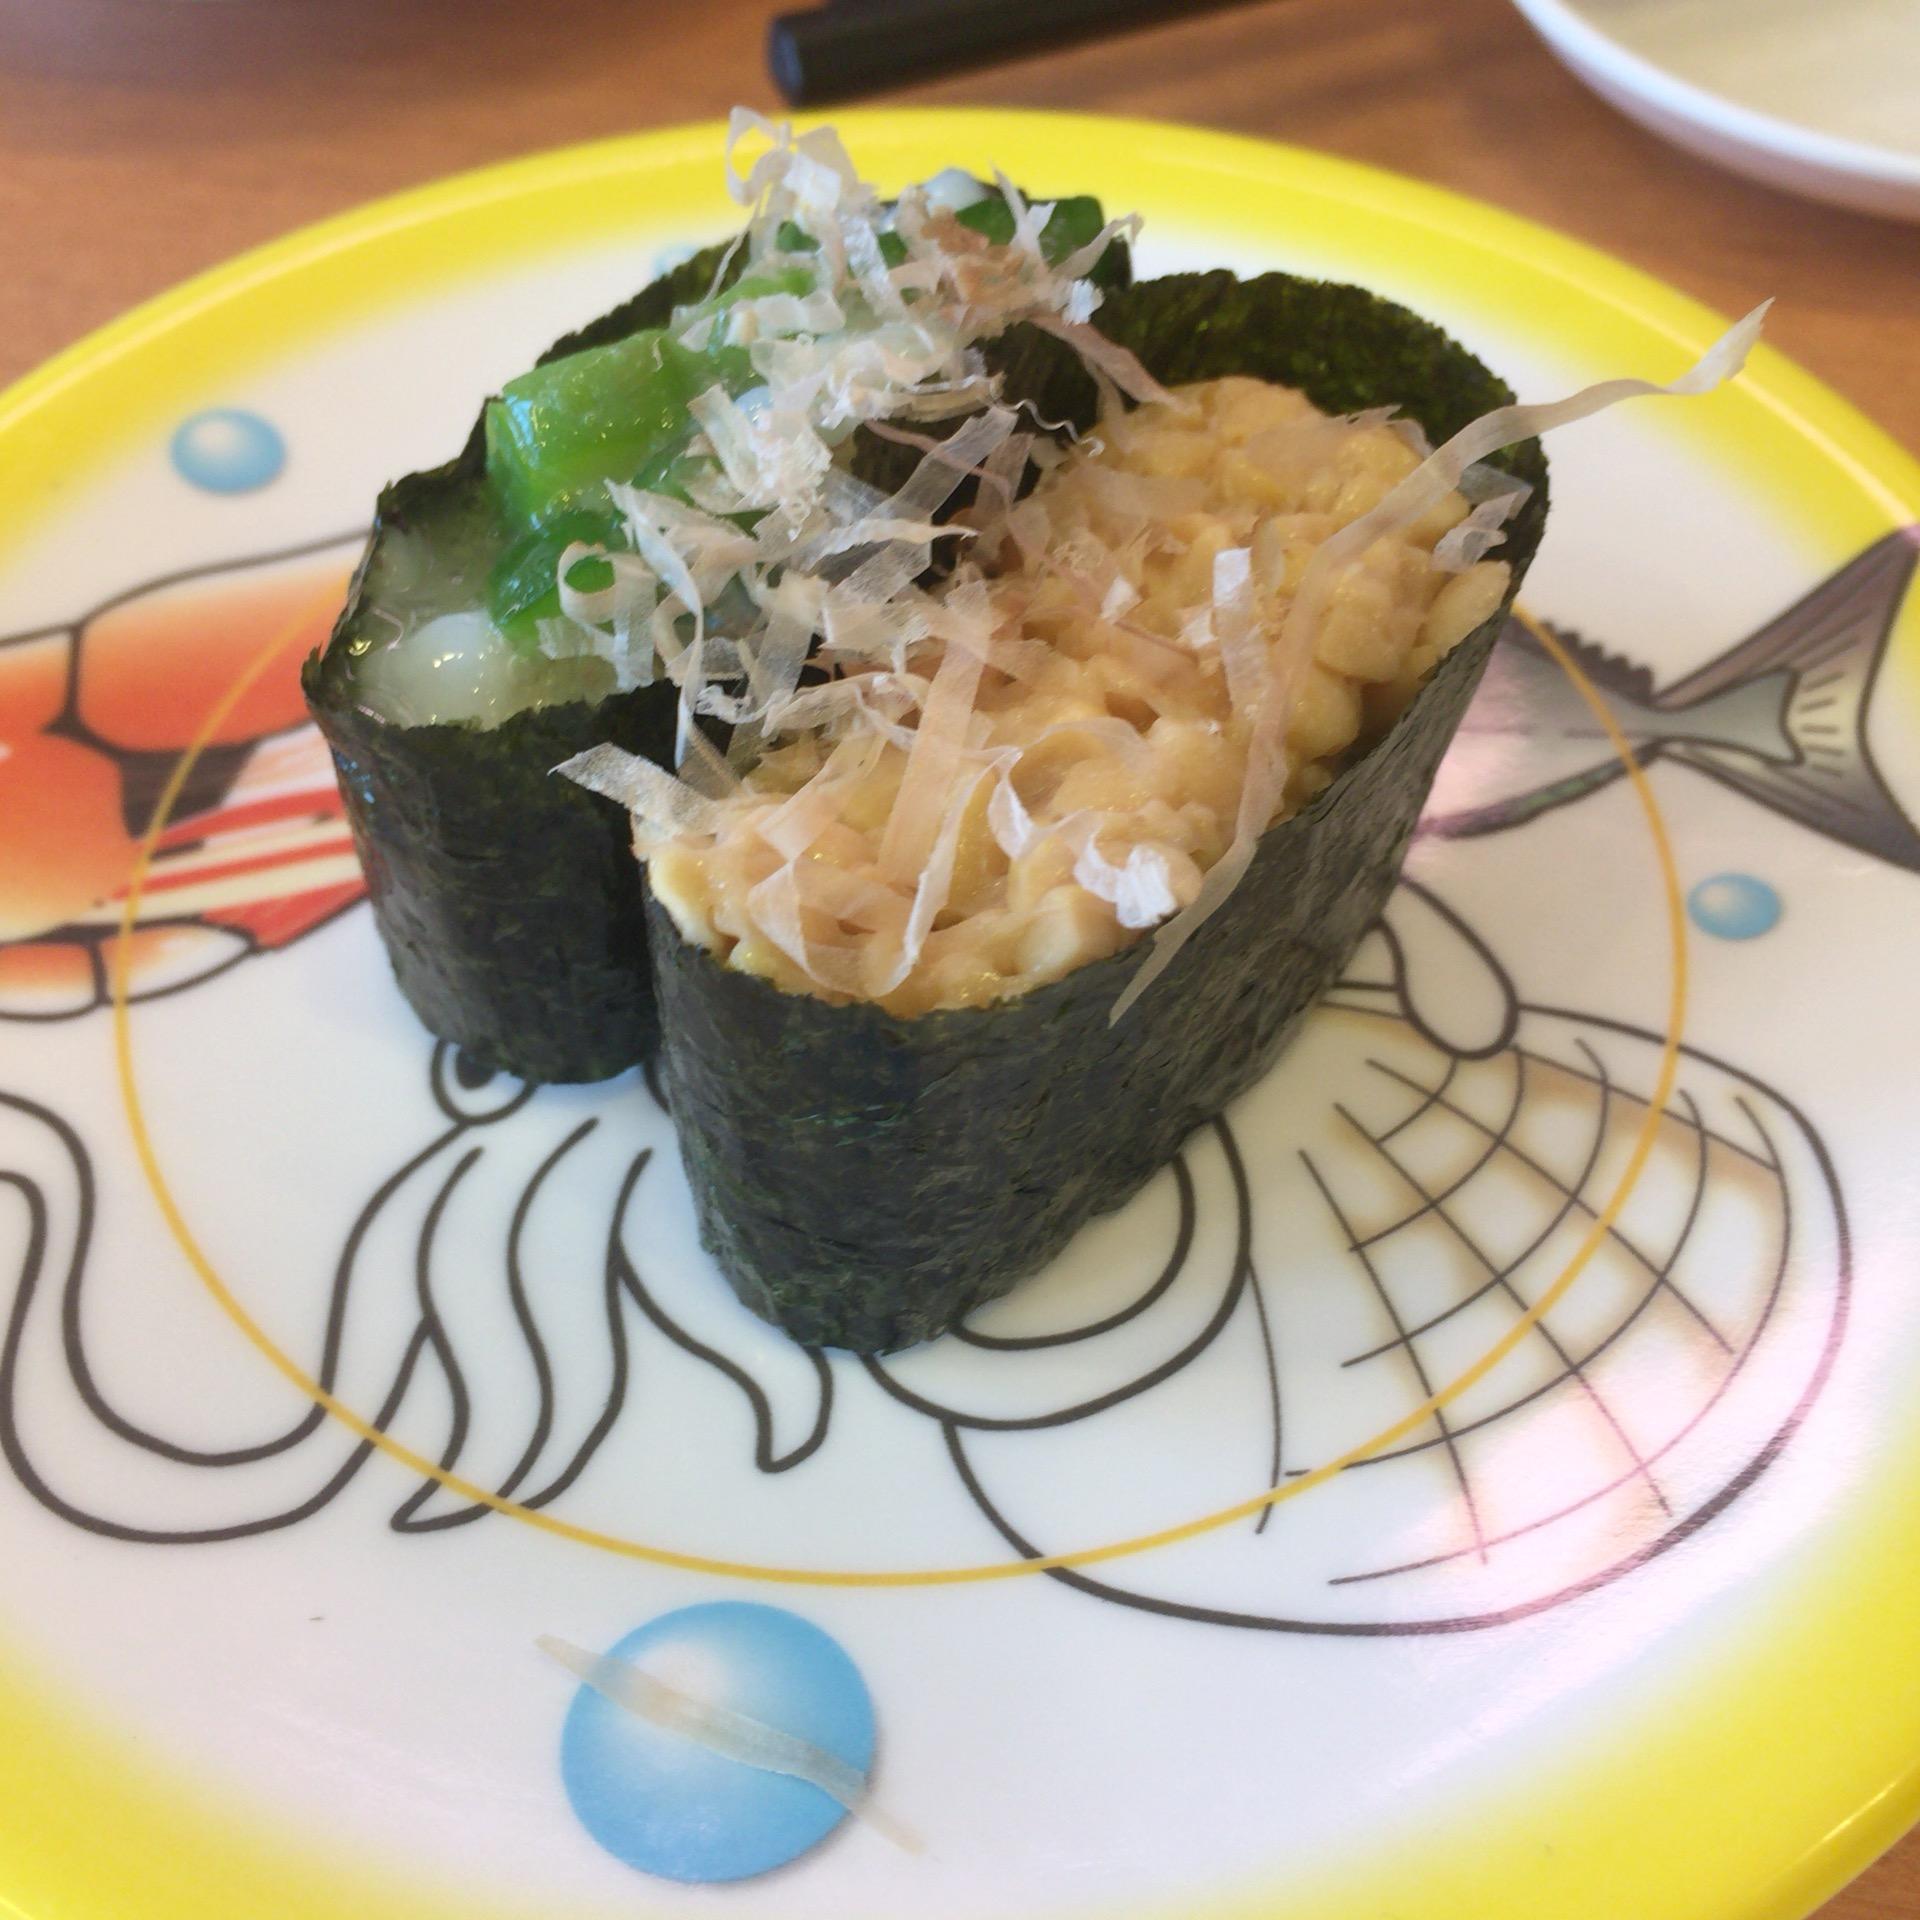 【500円ランチ】かっぱ寿司編 お昼はワンコインで回転寿司へ行こう